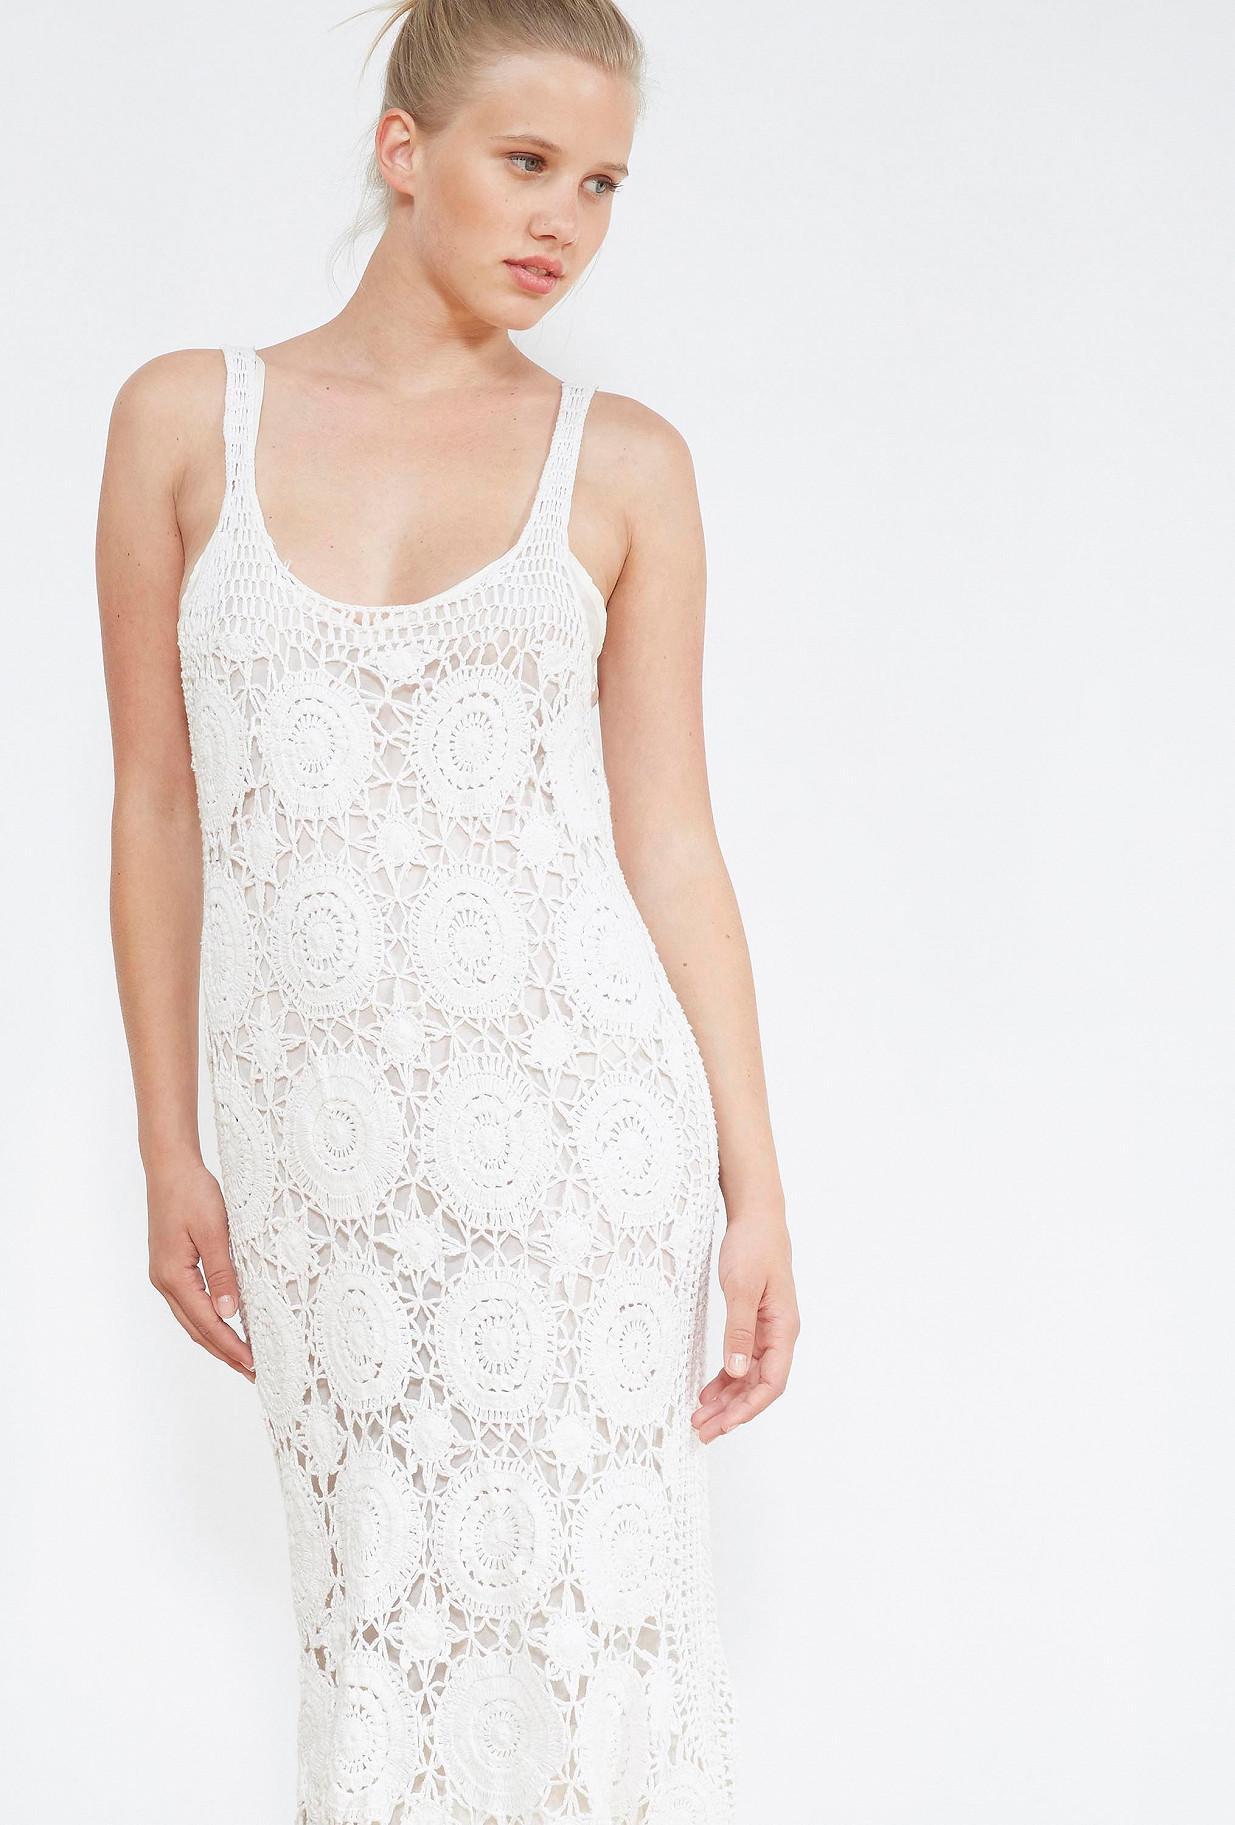 clothes store DRESS  Secret french designer fashion Paris